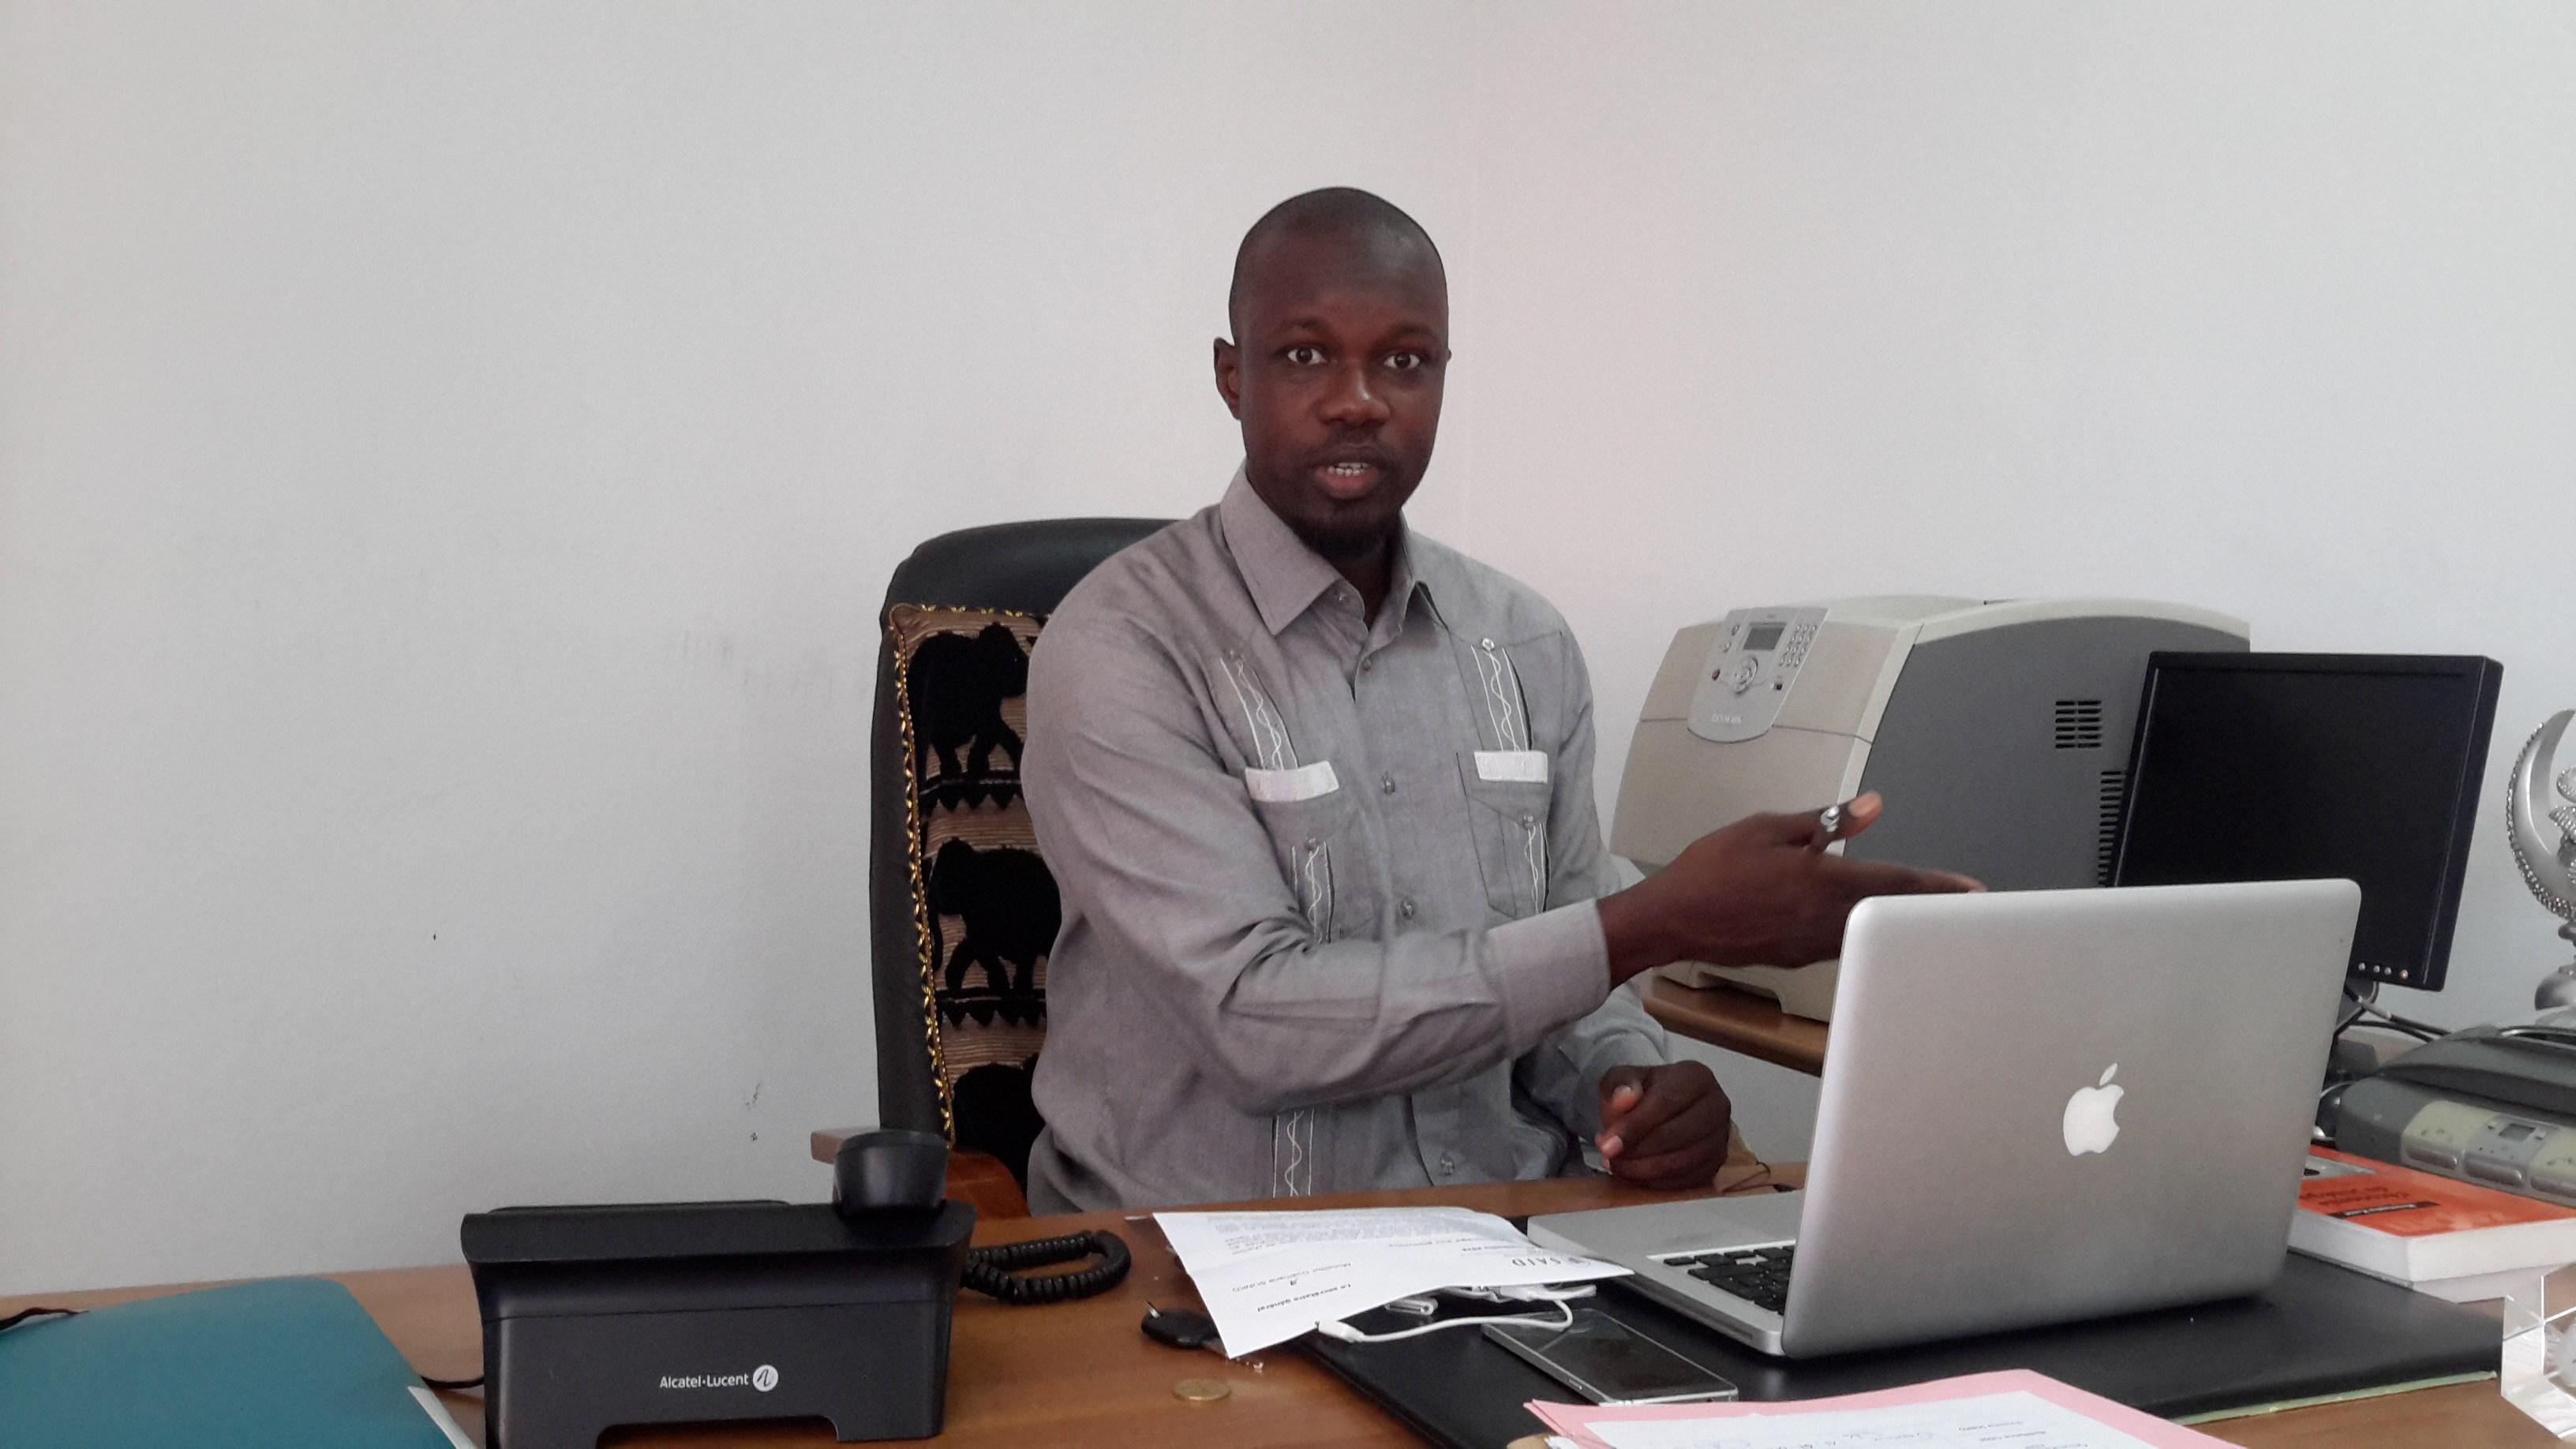 DEFIE PAR ALIOU SALL : Ousmane Sonko publie son patrimoine. Il a une seule maison, un 4X4 et deux comptes bancaires